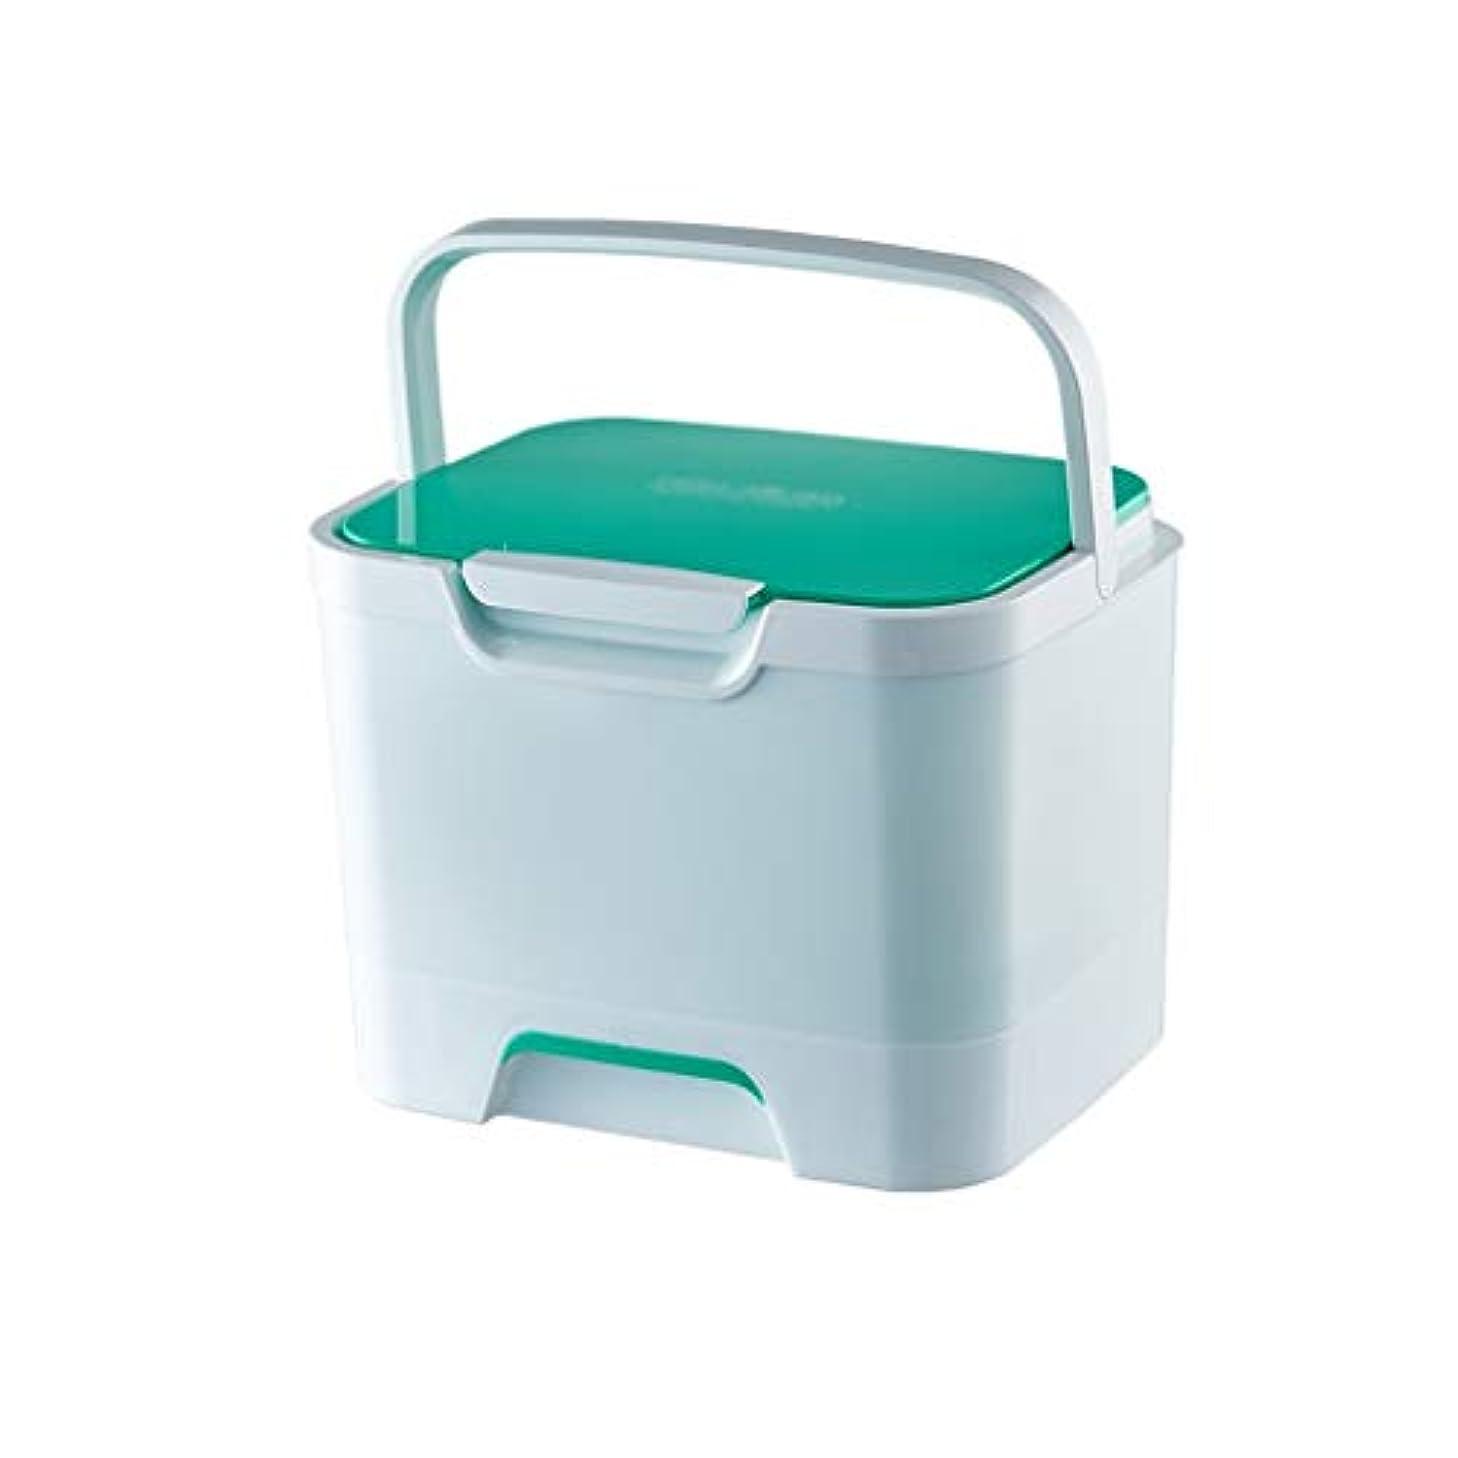 中で蒸気資源医学の箱のバックルの設計緑25.3×20.3×19.2cmが付いている多層携帯用世帯の大容量のプラスチック医学の収納箱 SYFO